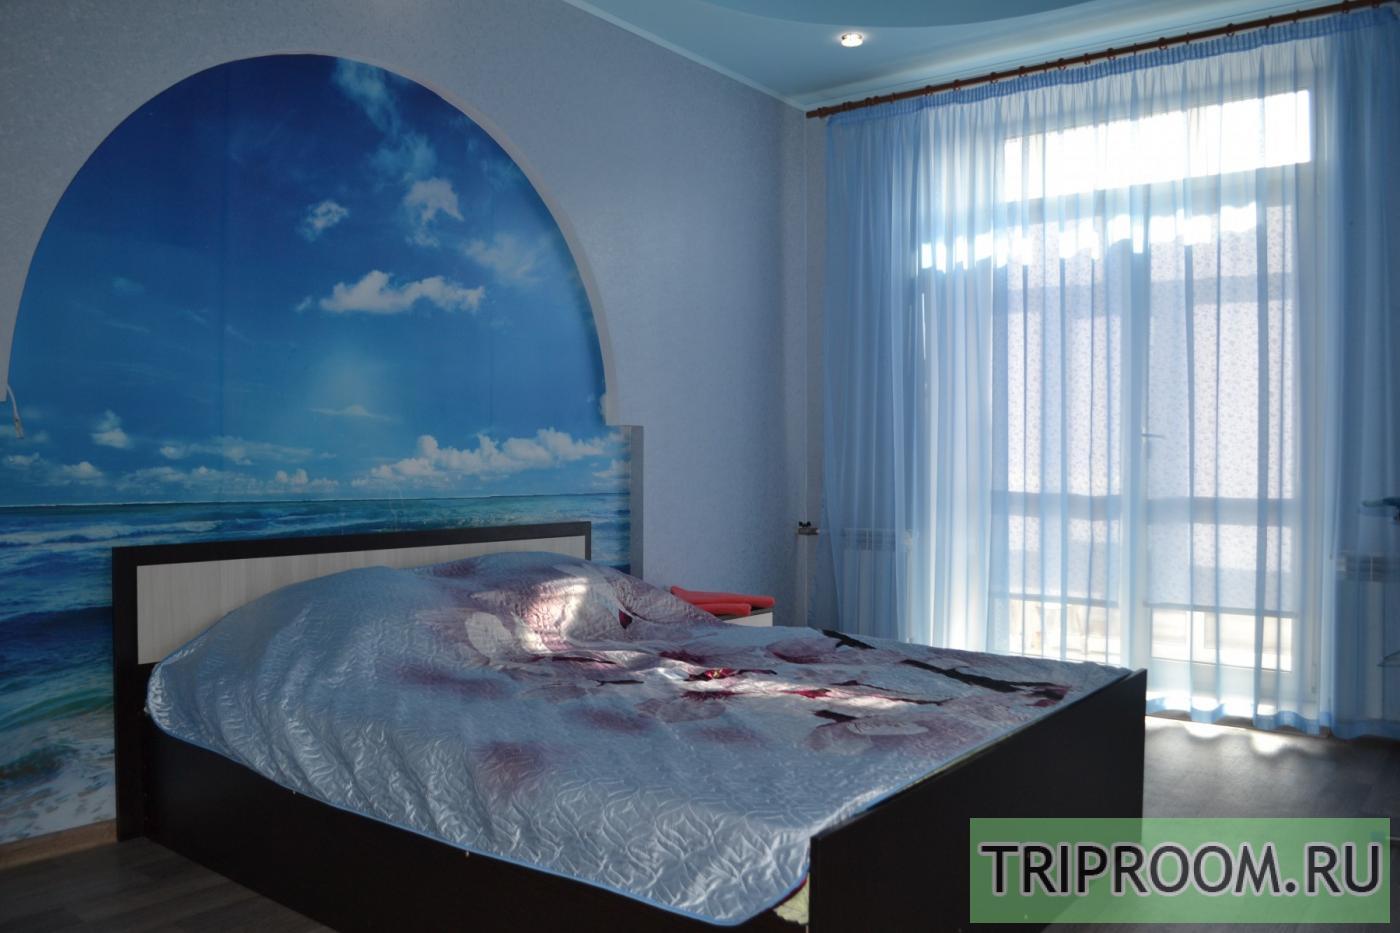 2-комнатная квартира посуточно (вариант № 33882), ул. Тимирязева улица, фото № 3